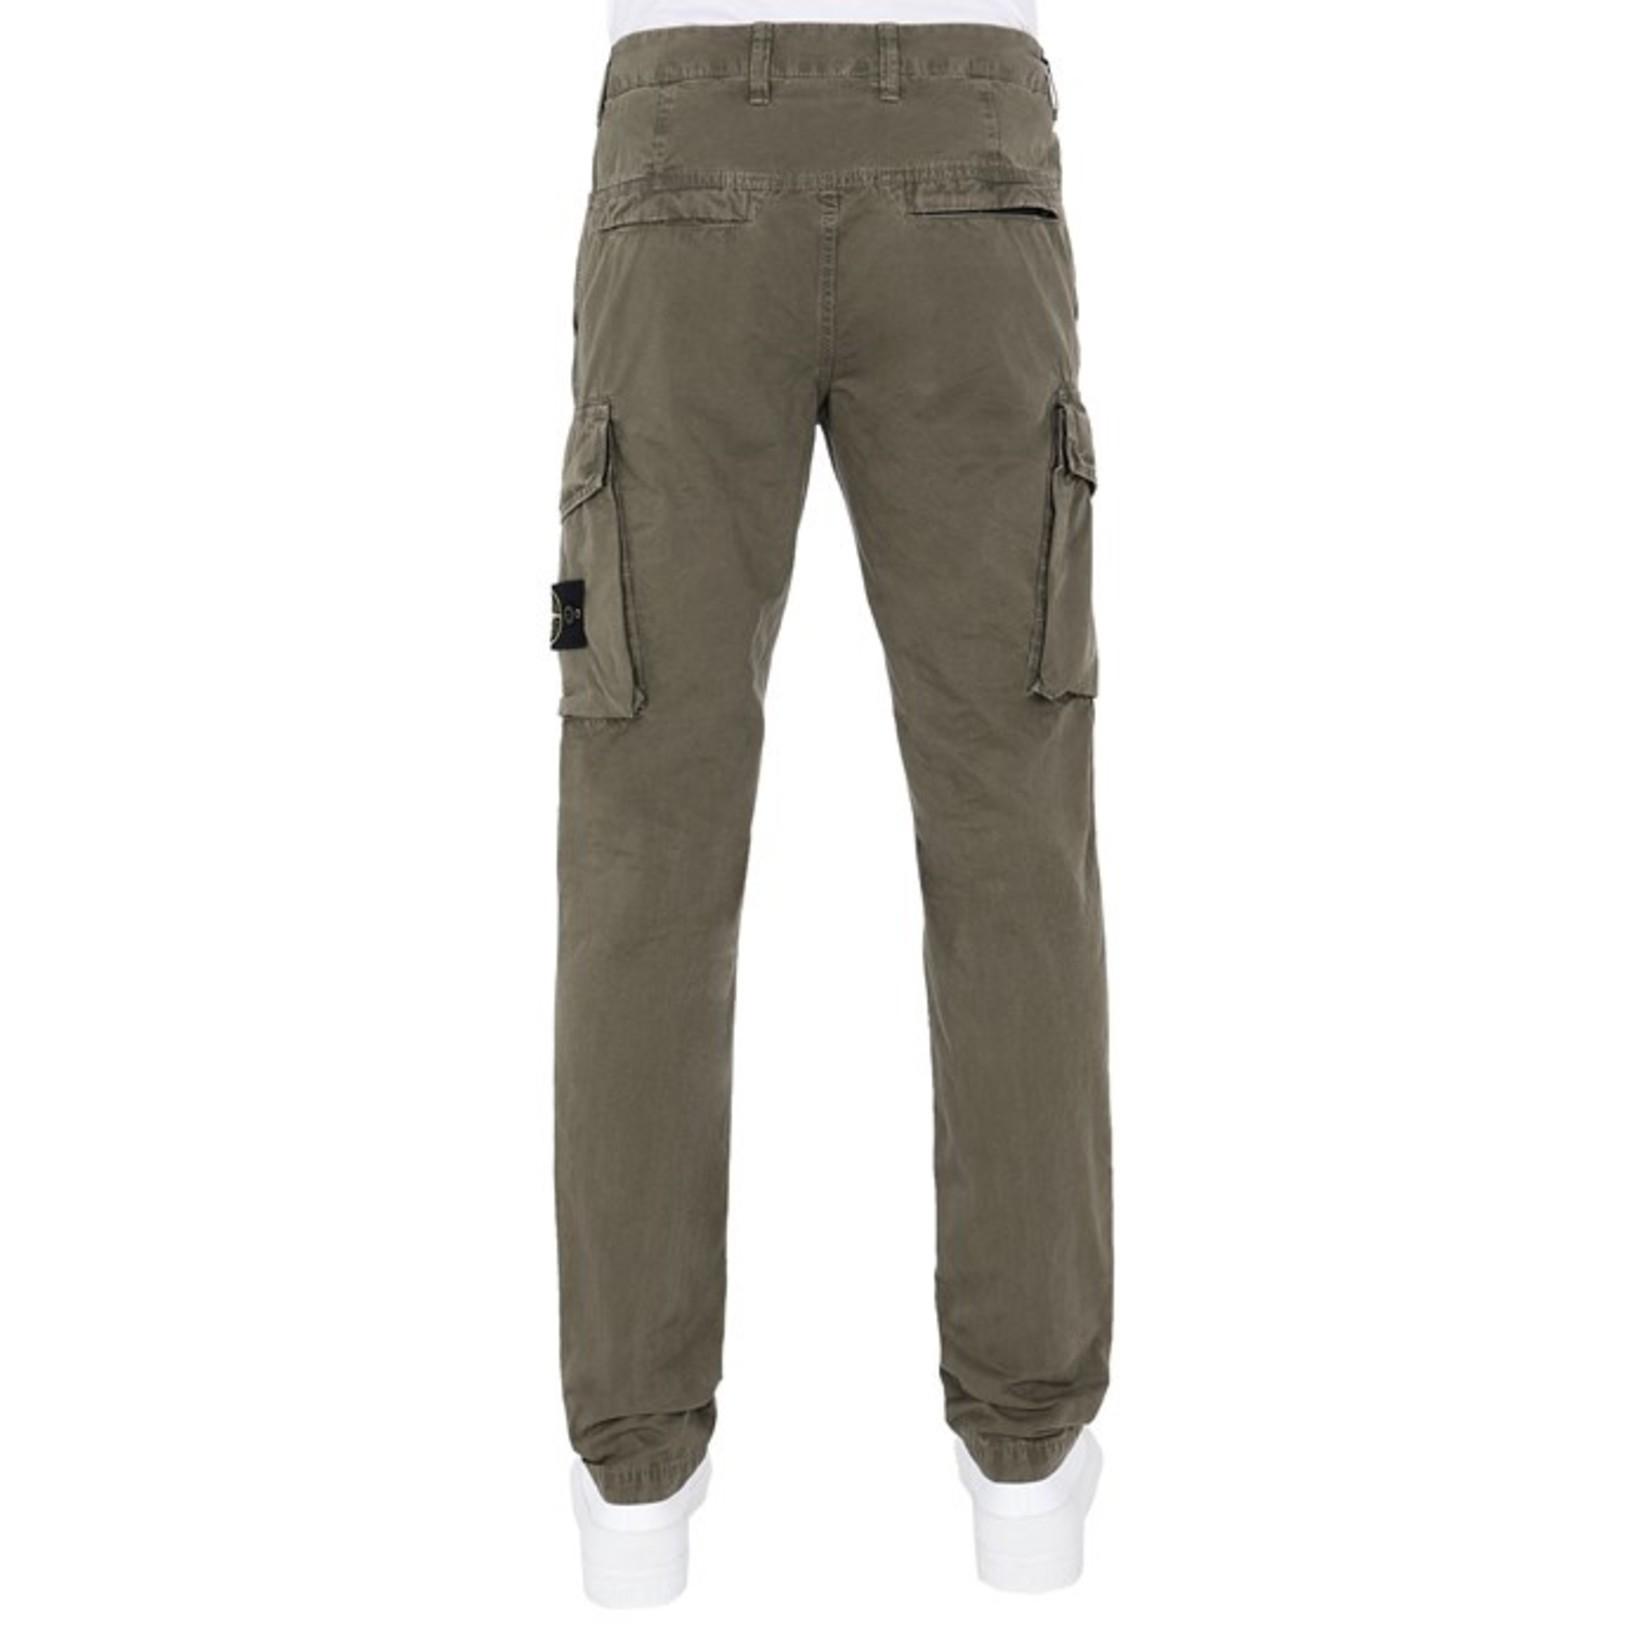 Stone Island Cargo Pant 5 Pocket